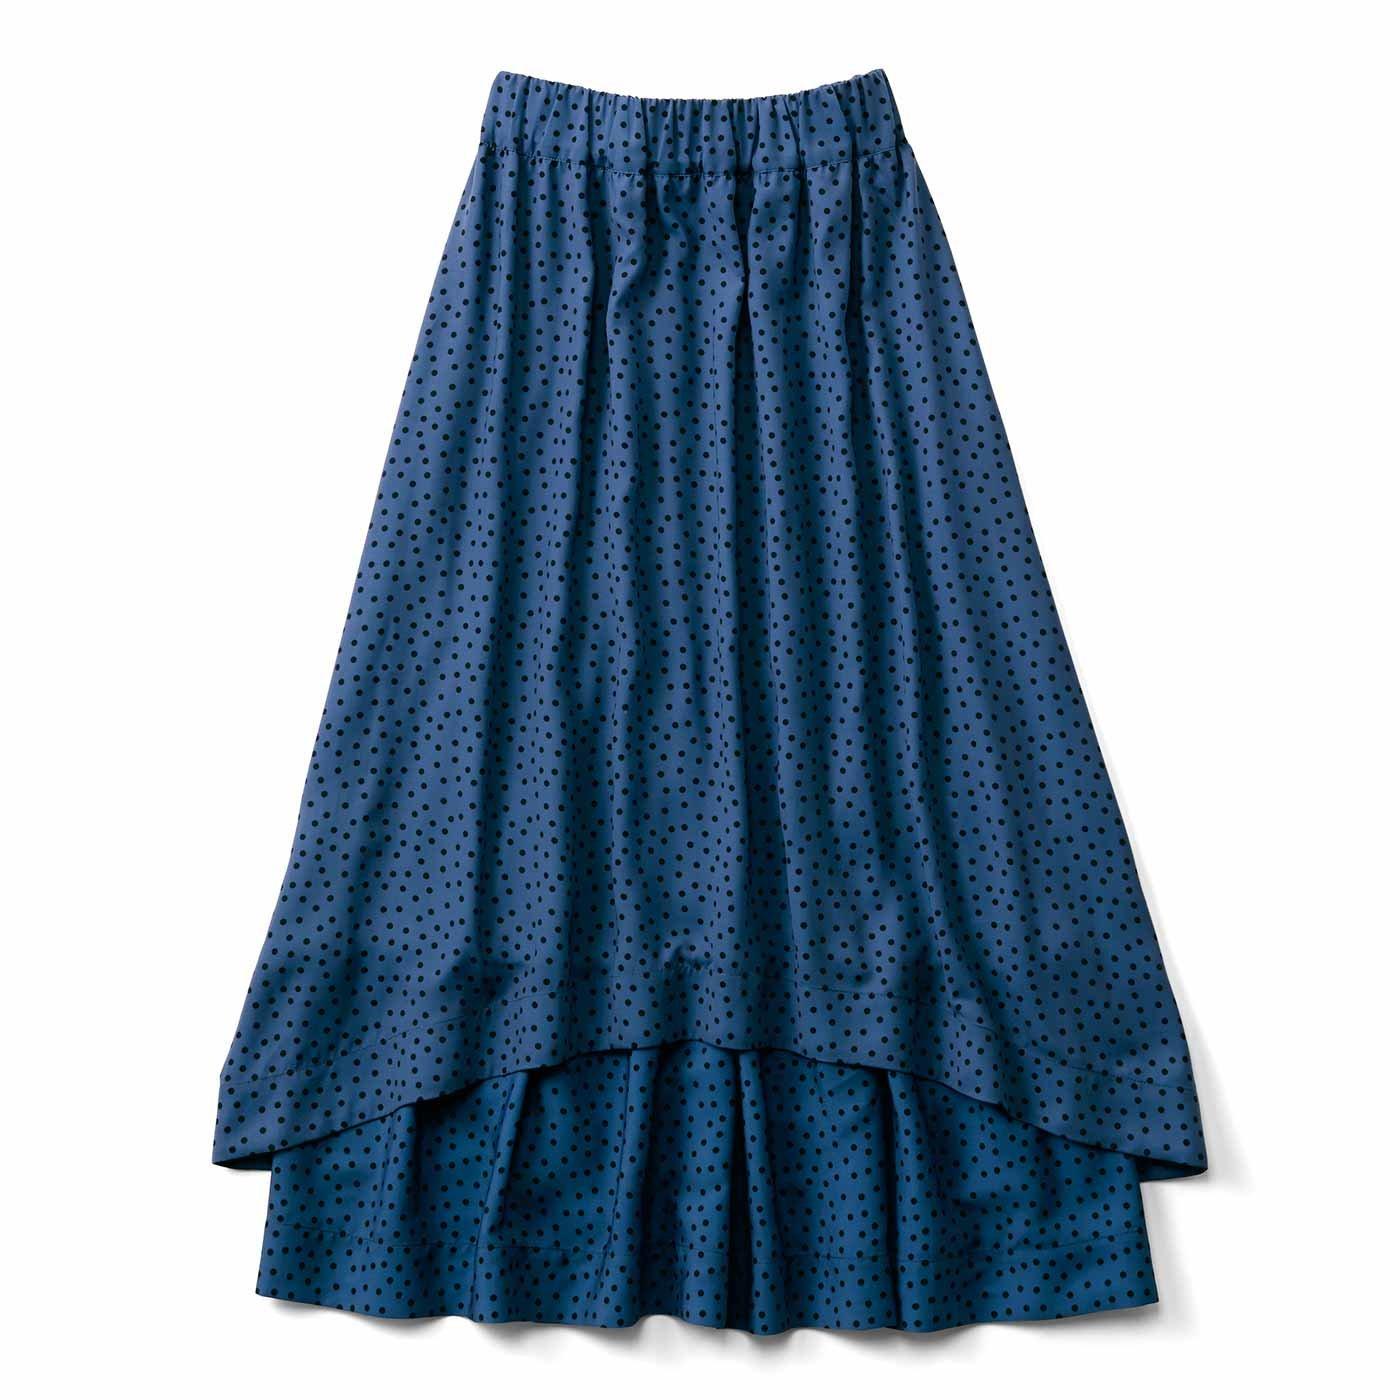 ボリュームとすそラインがロマンティックな水玉スカート〈ネイビー〉